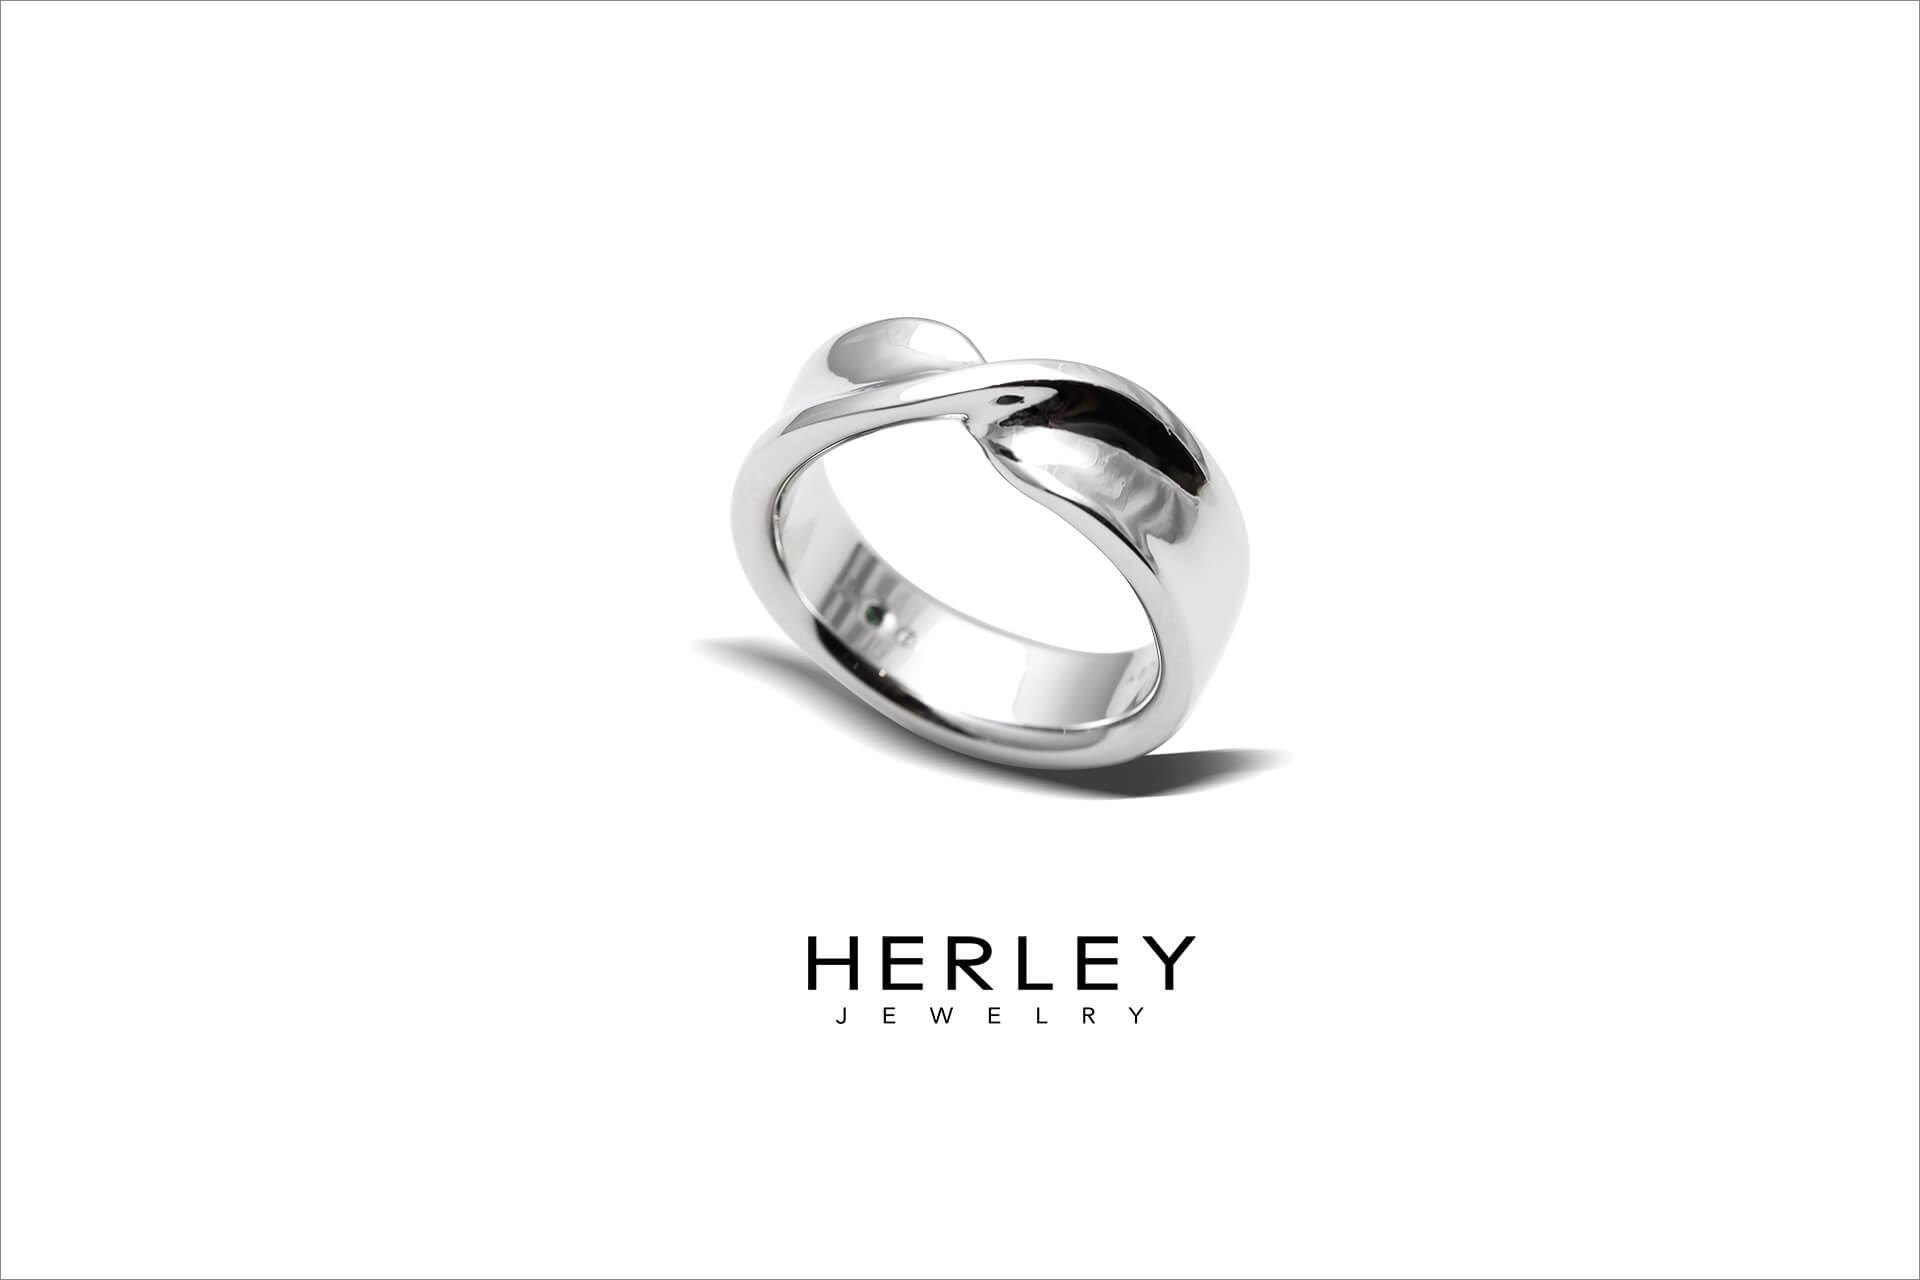 此珠寶設計以「彼此的禮物」為概念發想,以緞帶扭轉的造型與女戒相呼應